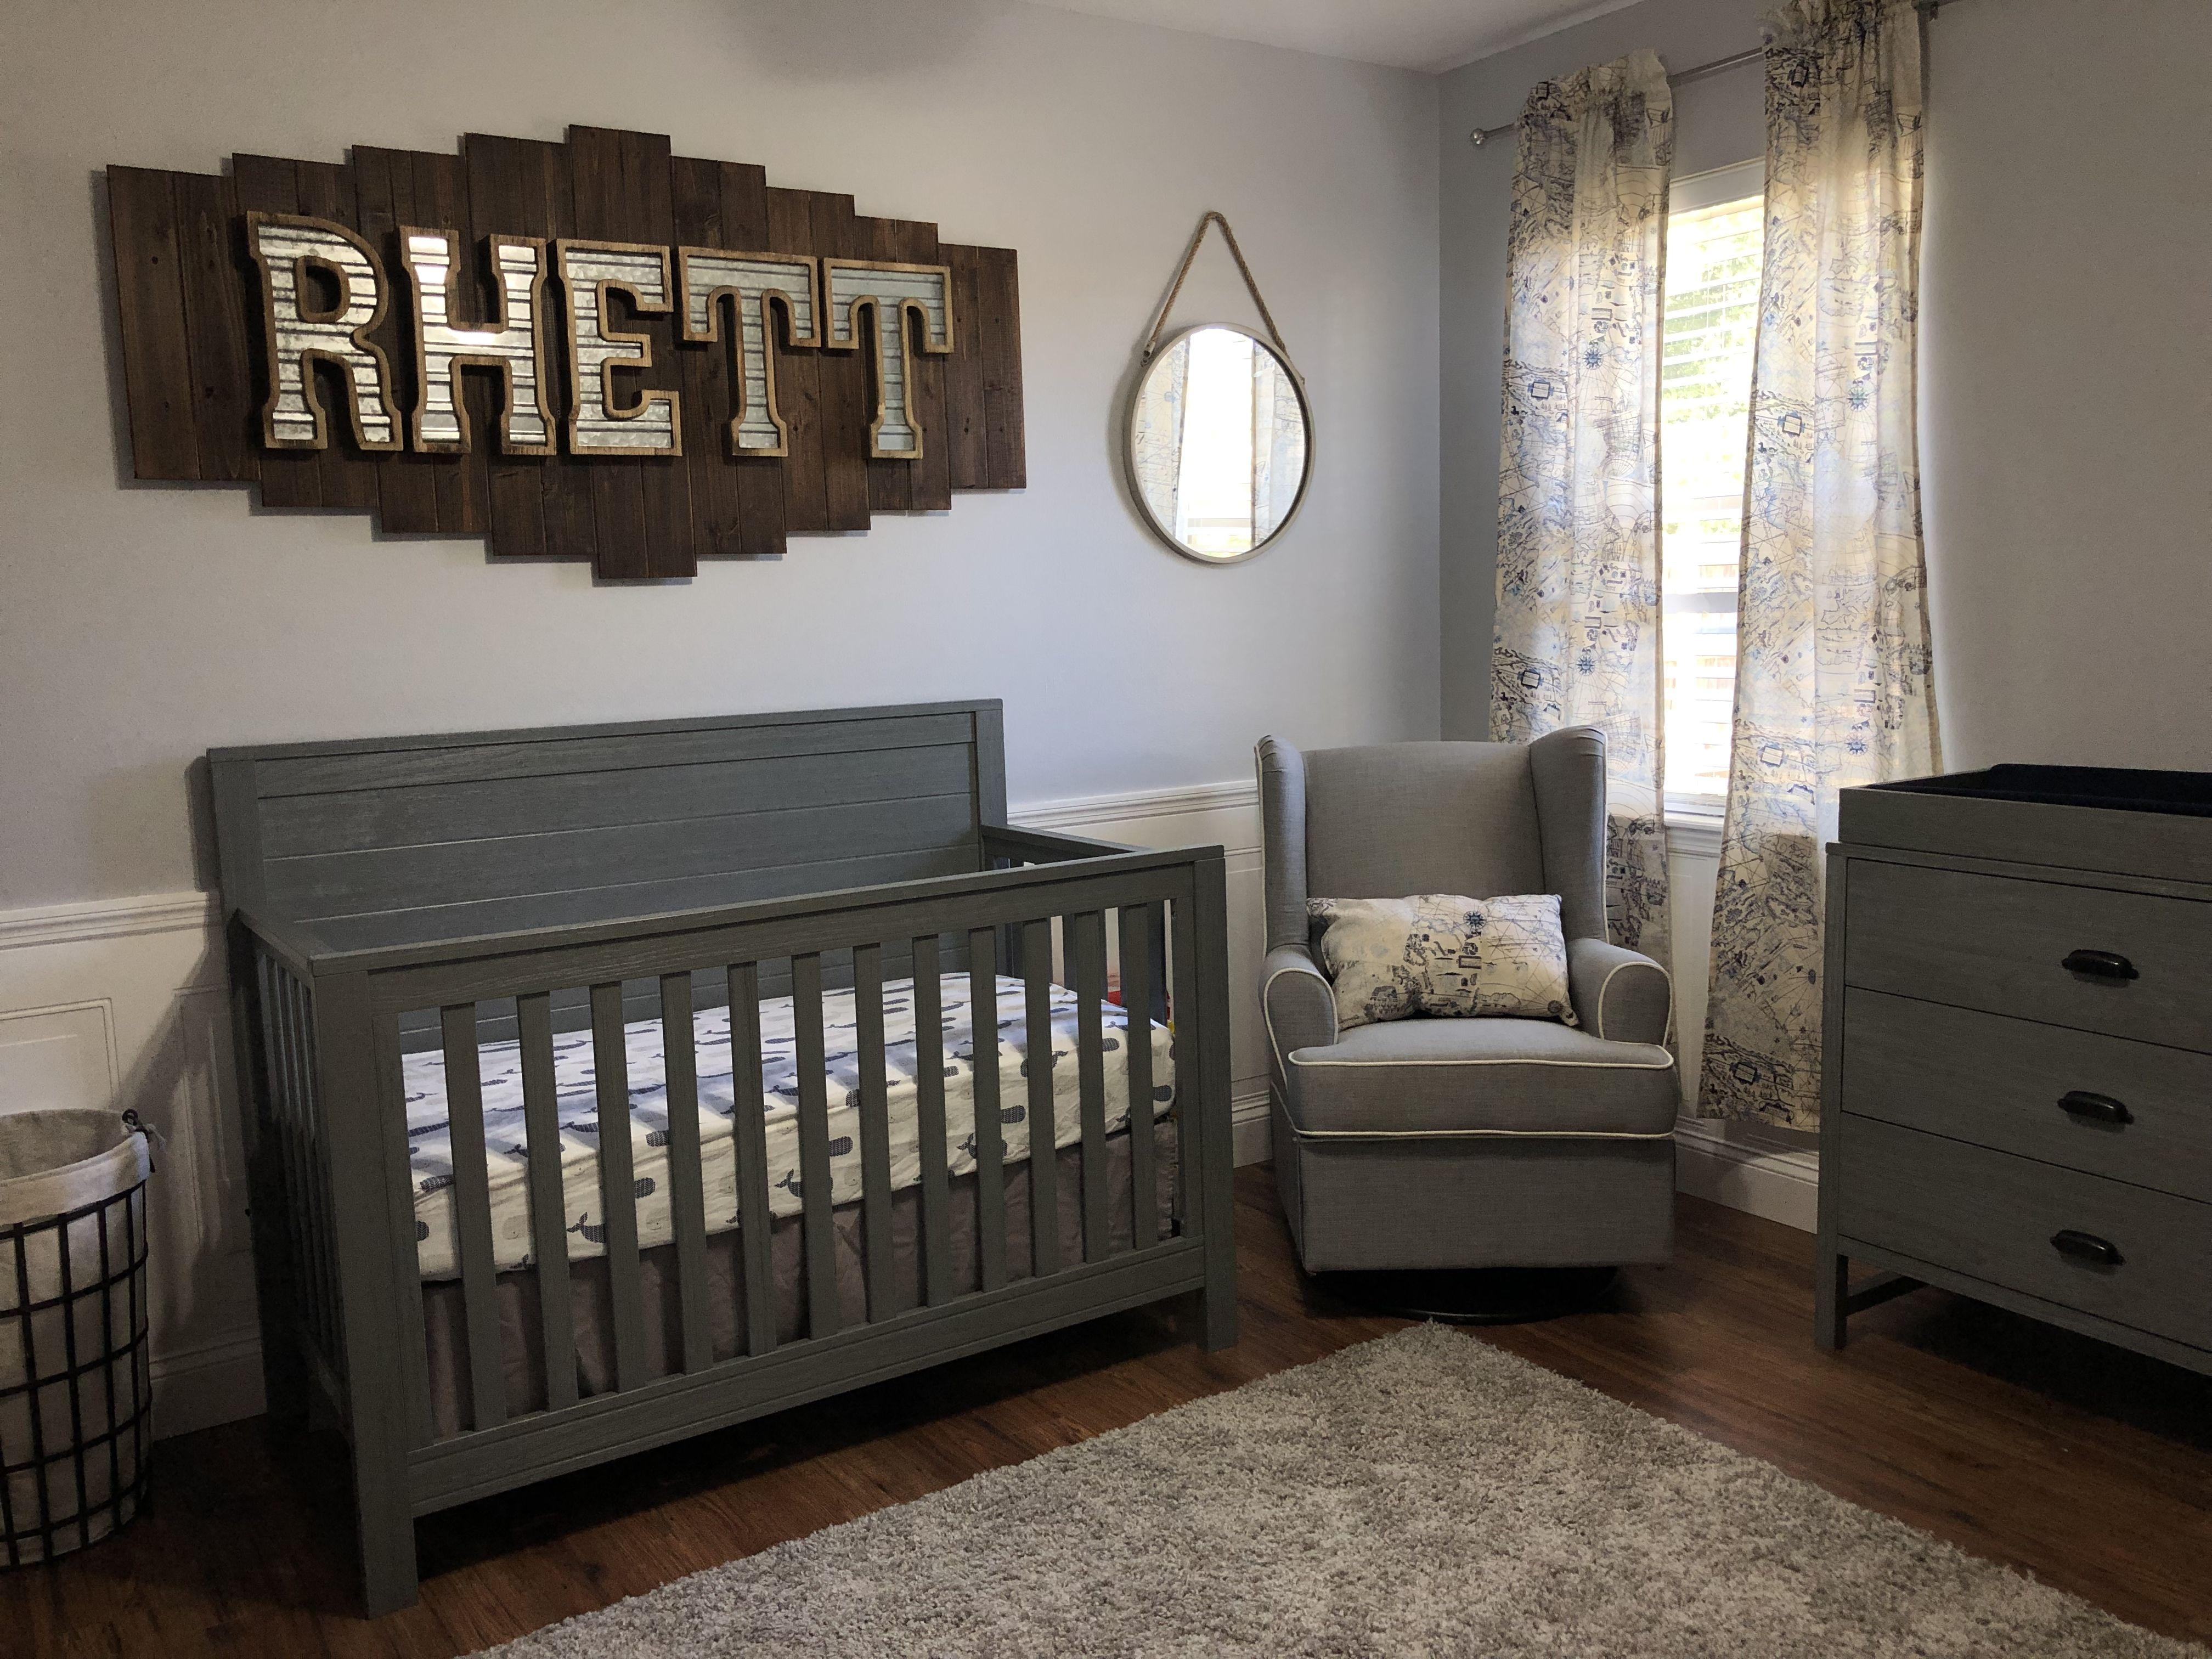 Nursery Target Nursery Furniture Nautical Nursery Crib Target Nursery